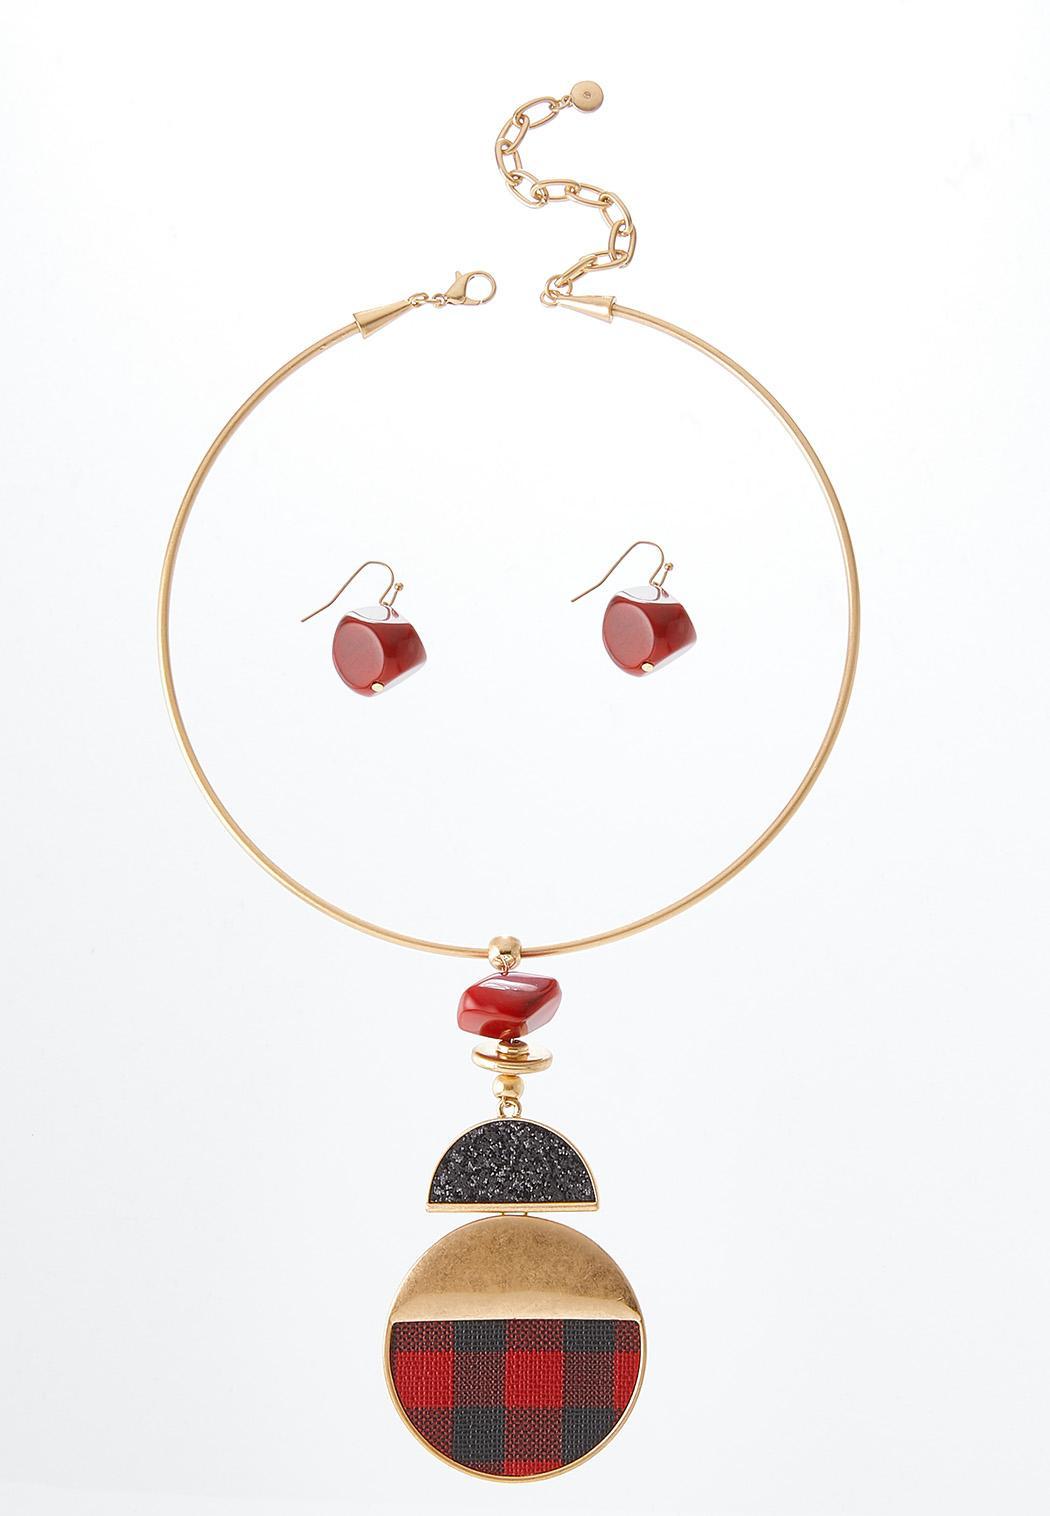 Plaid Pendant Necklace Earring Set